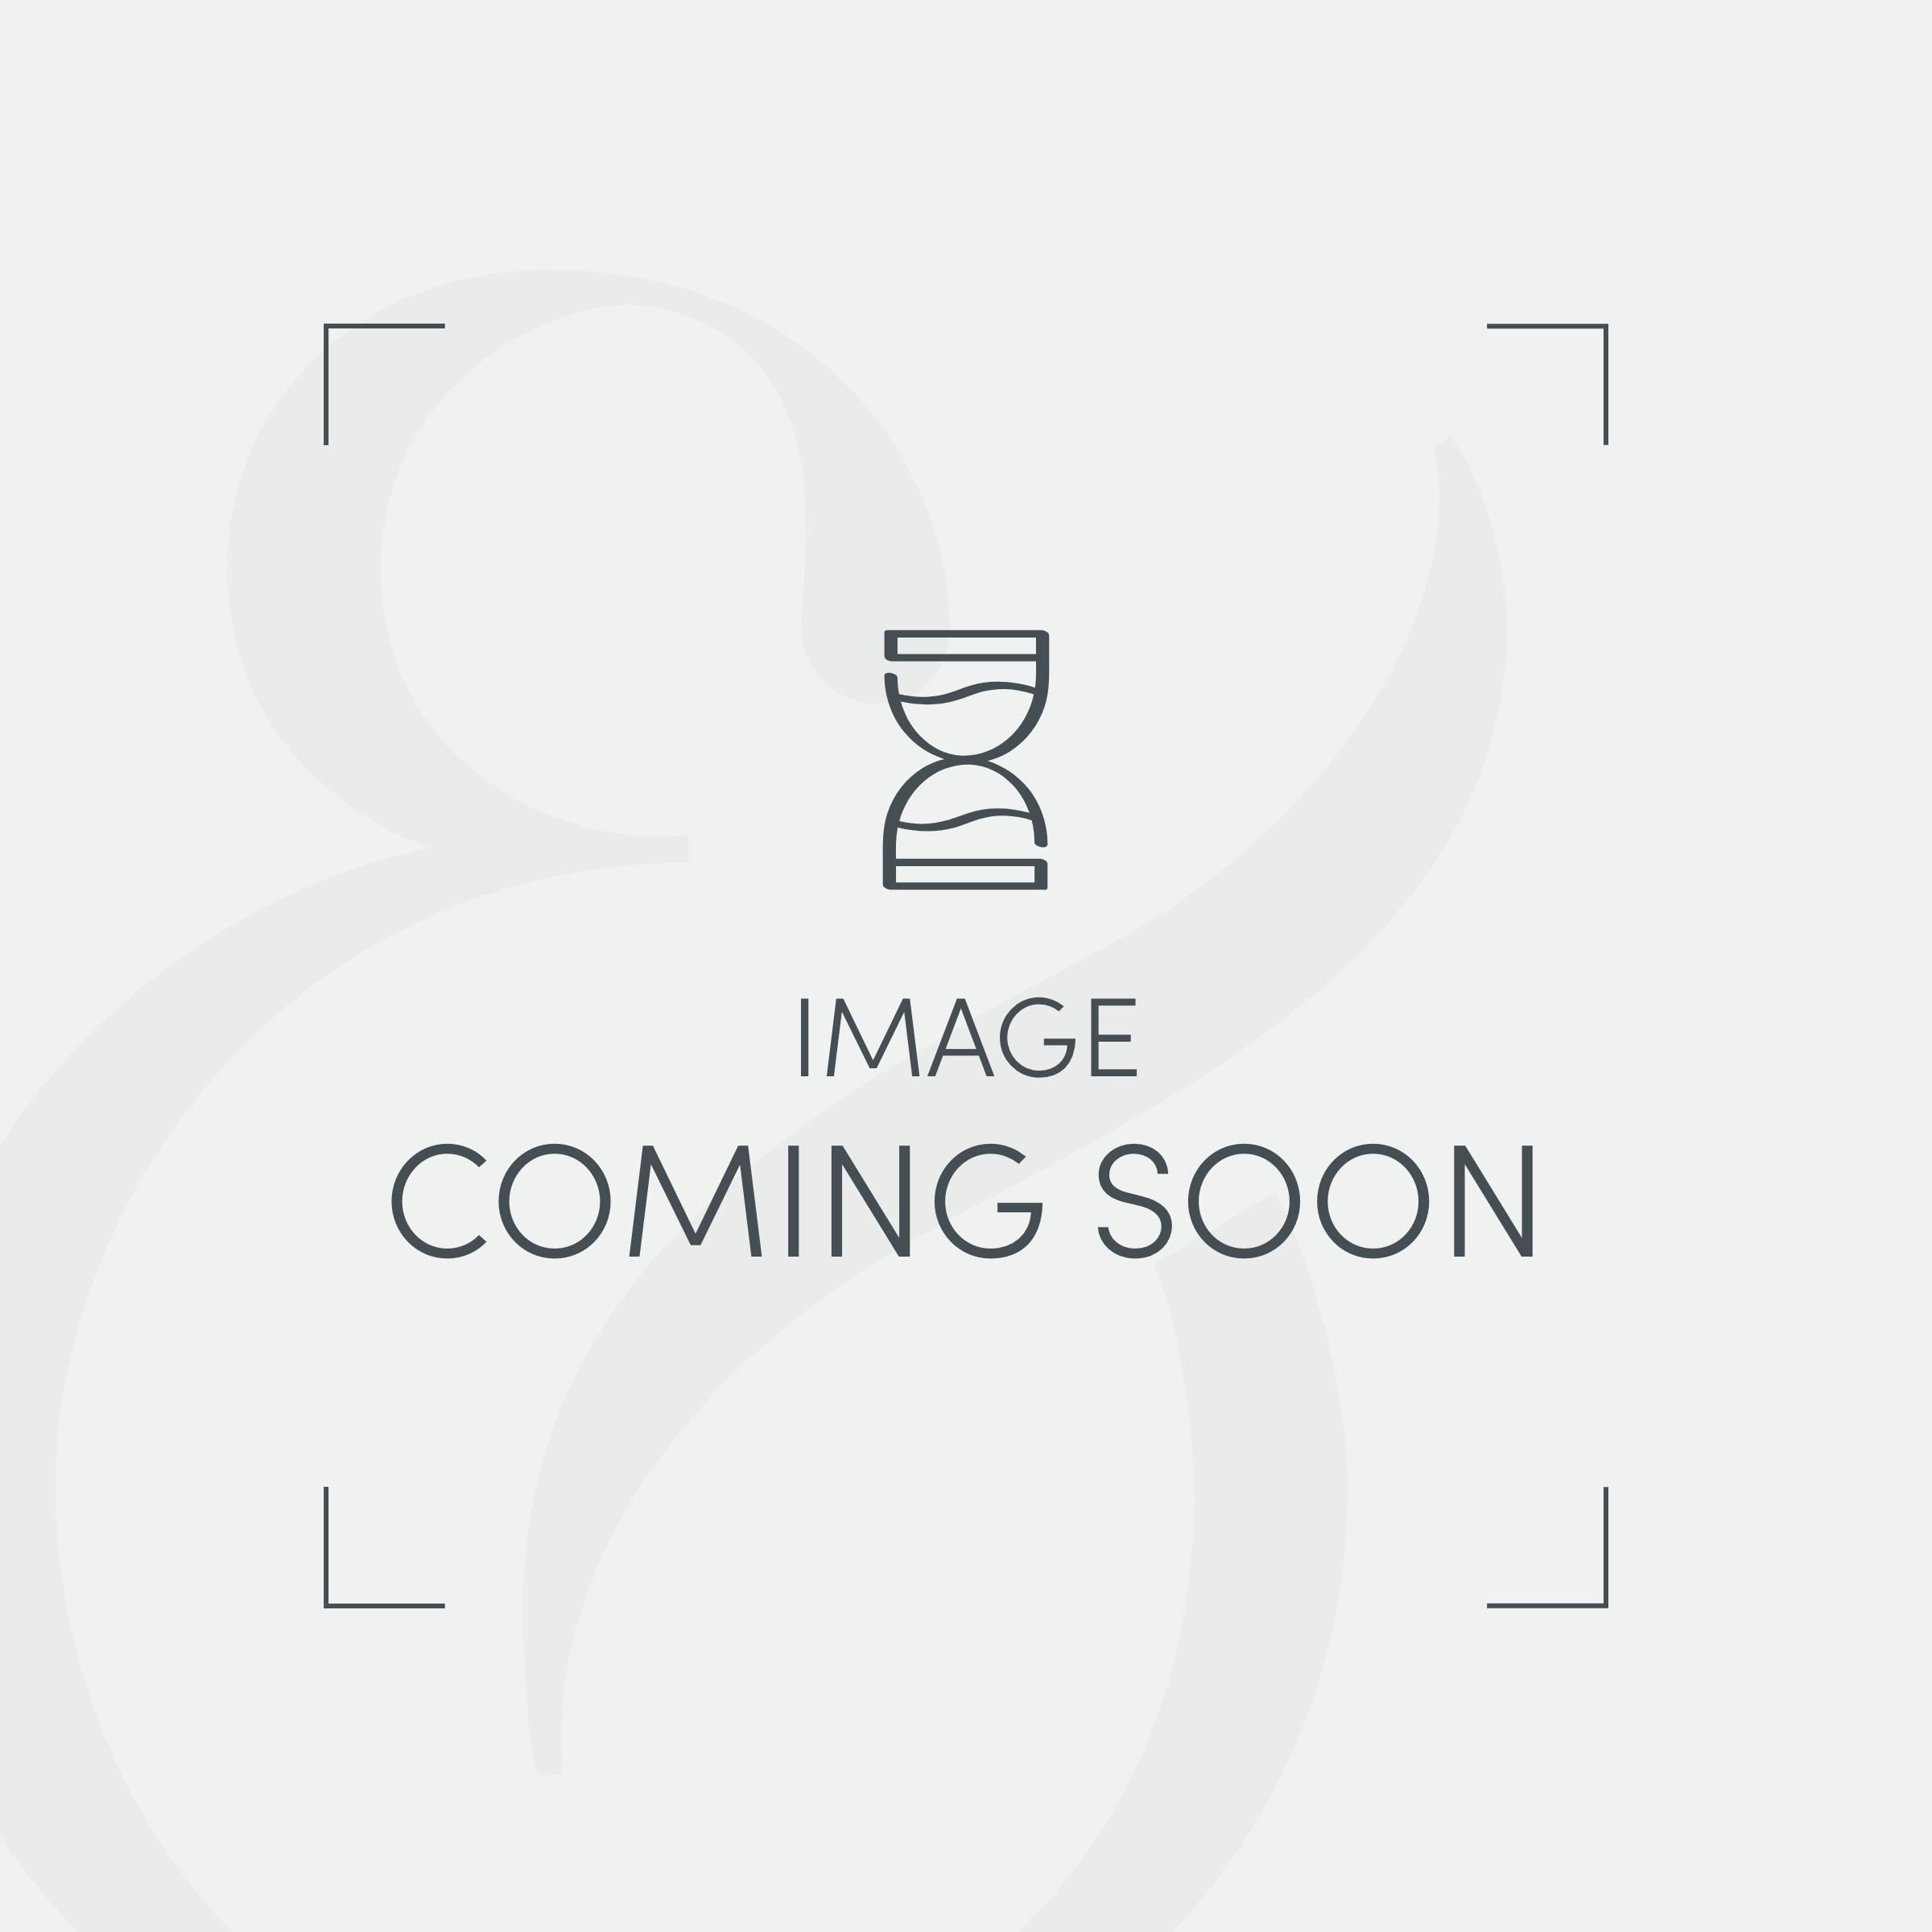 100% Natural Hemp Bundle - Chalk - King (Duvet Cover, Standard Fitted Sheet, Standard Oxford Pillowcase Pair)